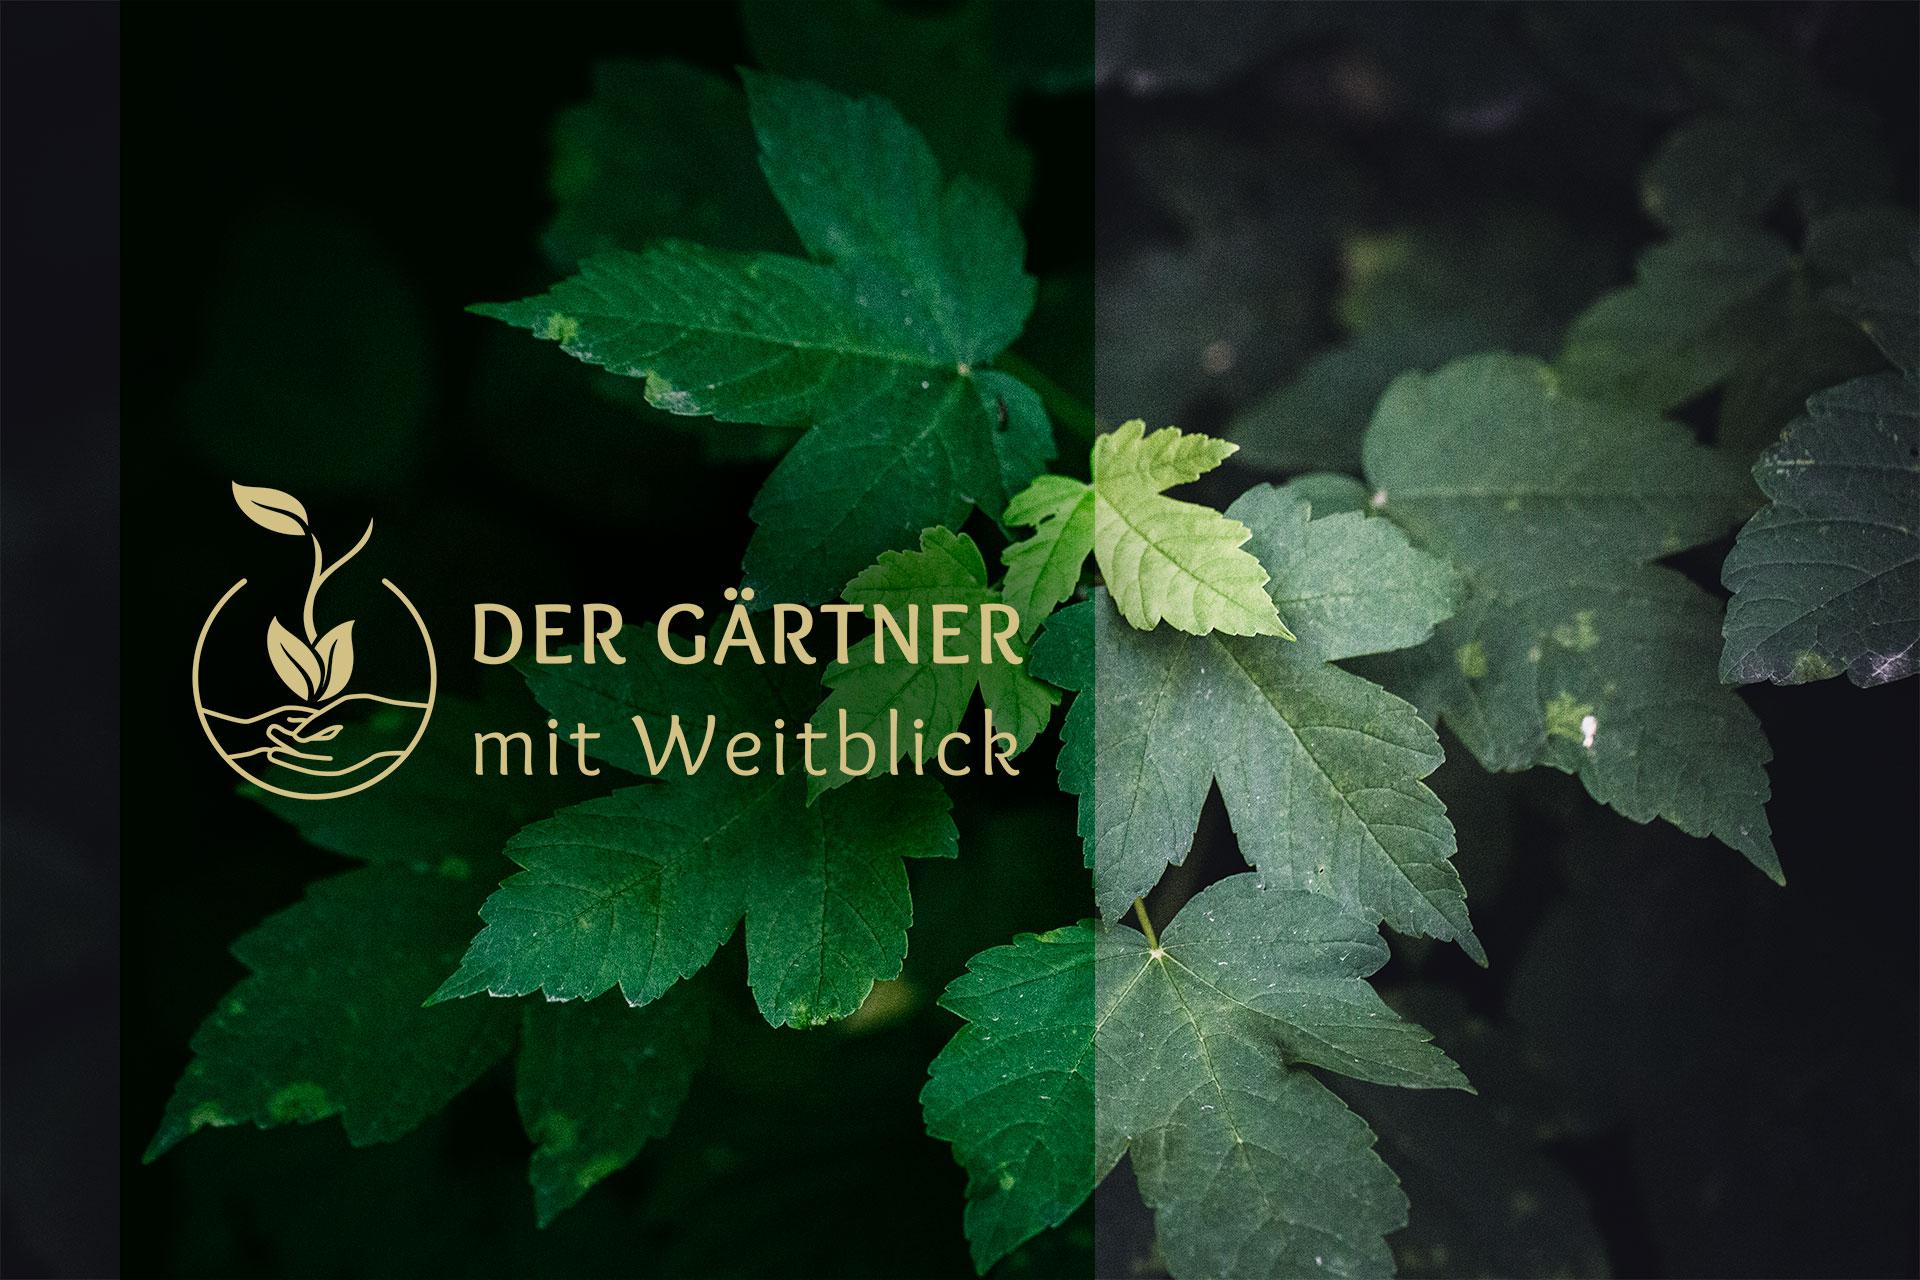 Der Gärtner mit Weitblick Logo vor grünen Blättern